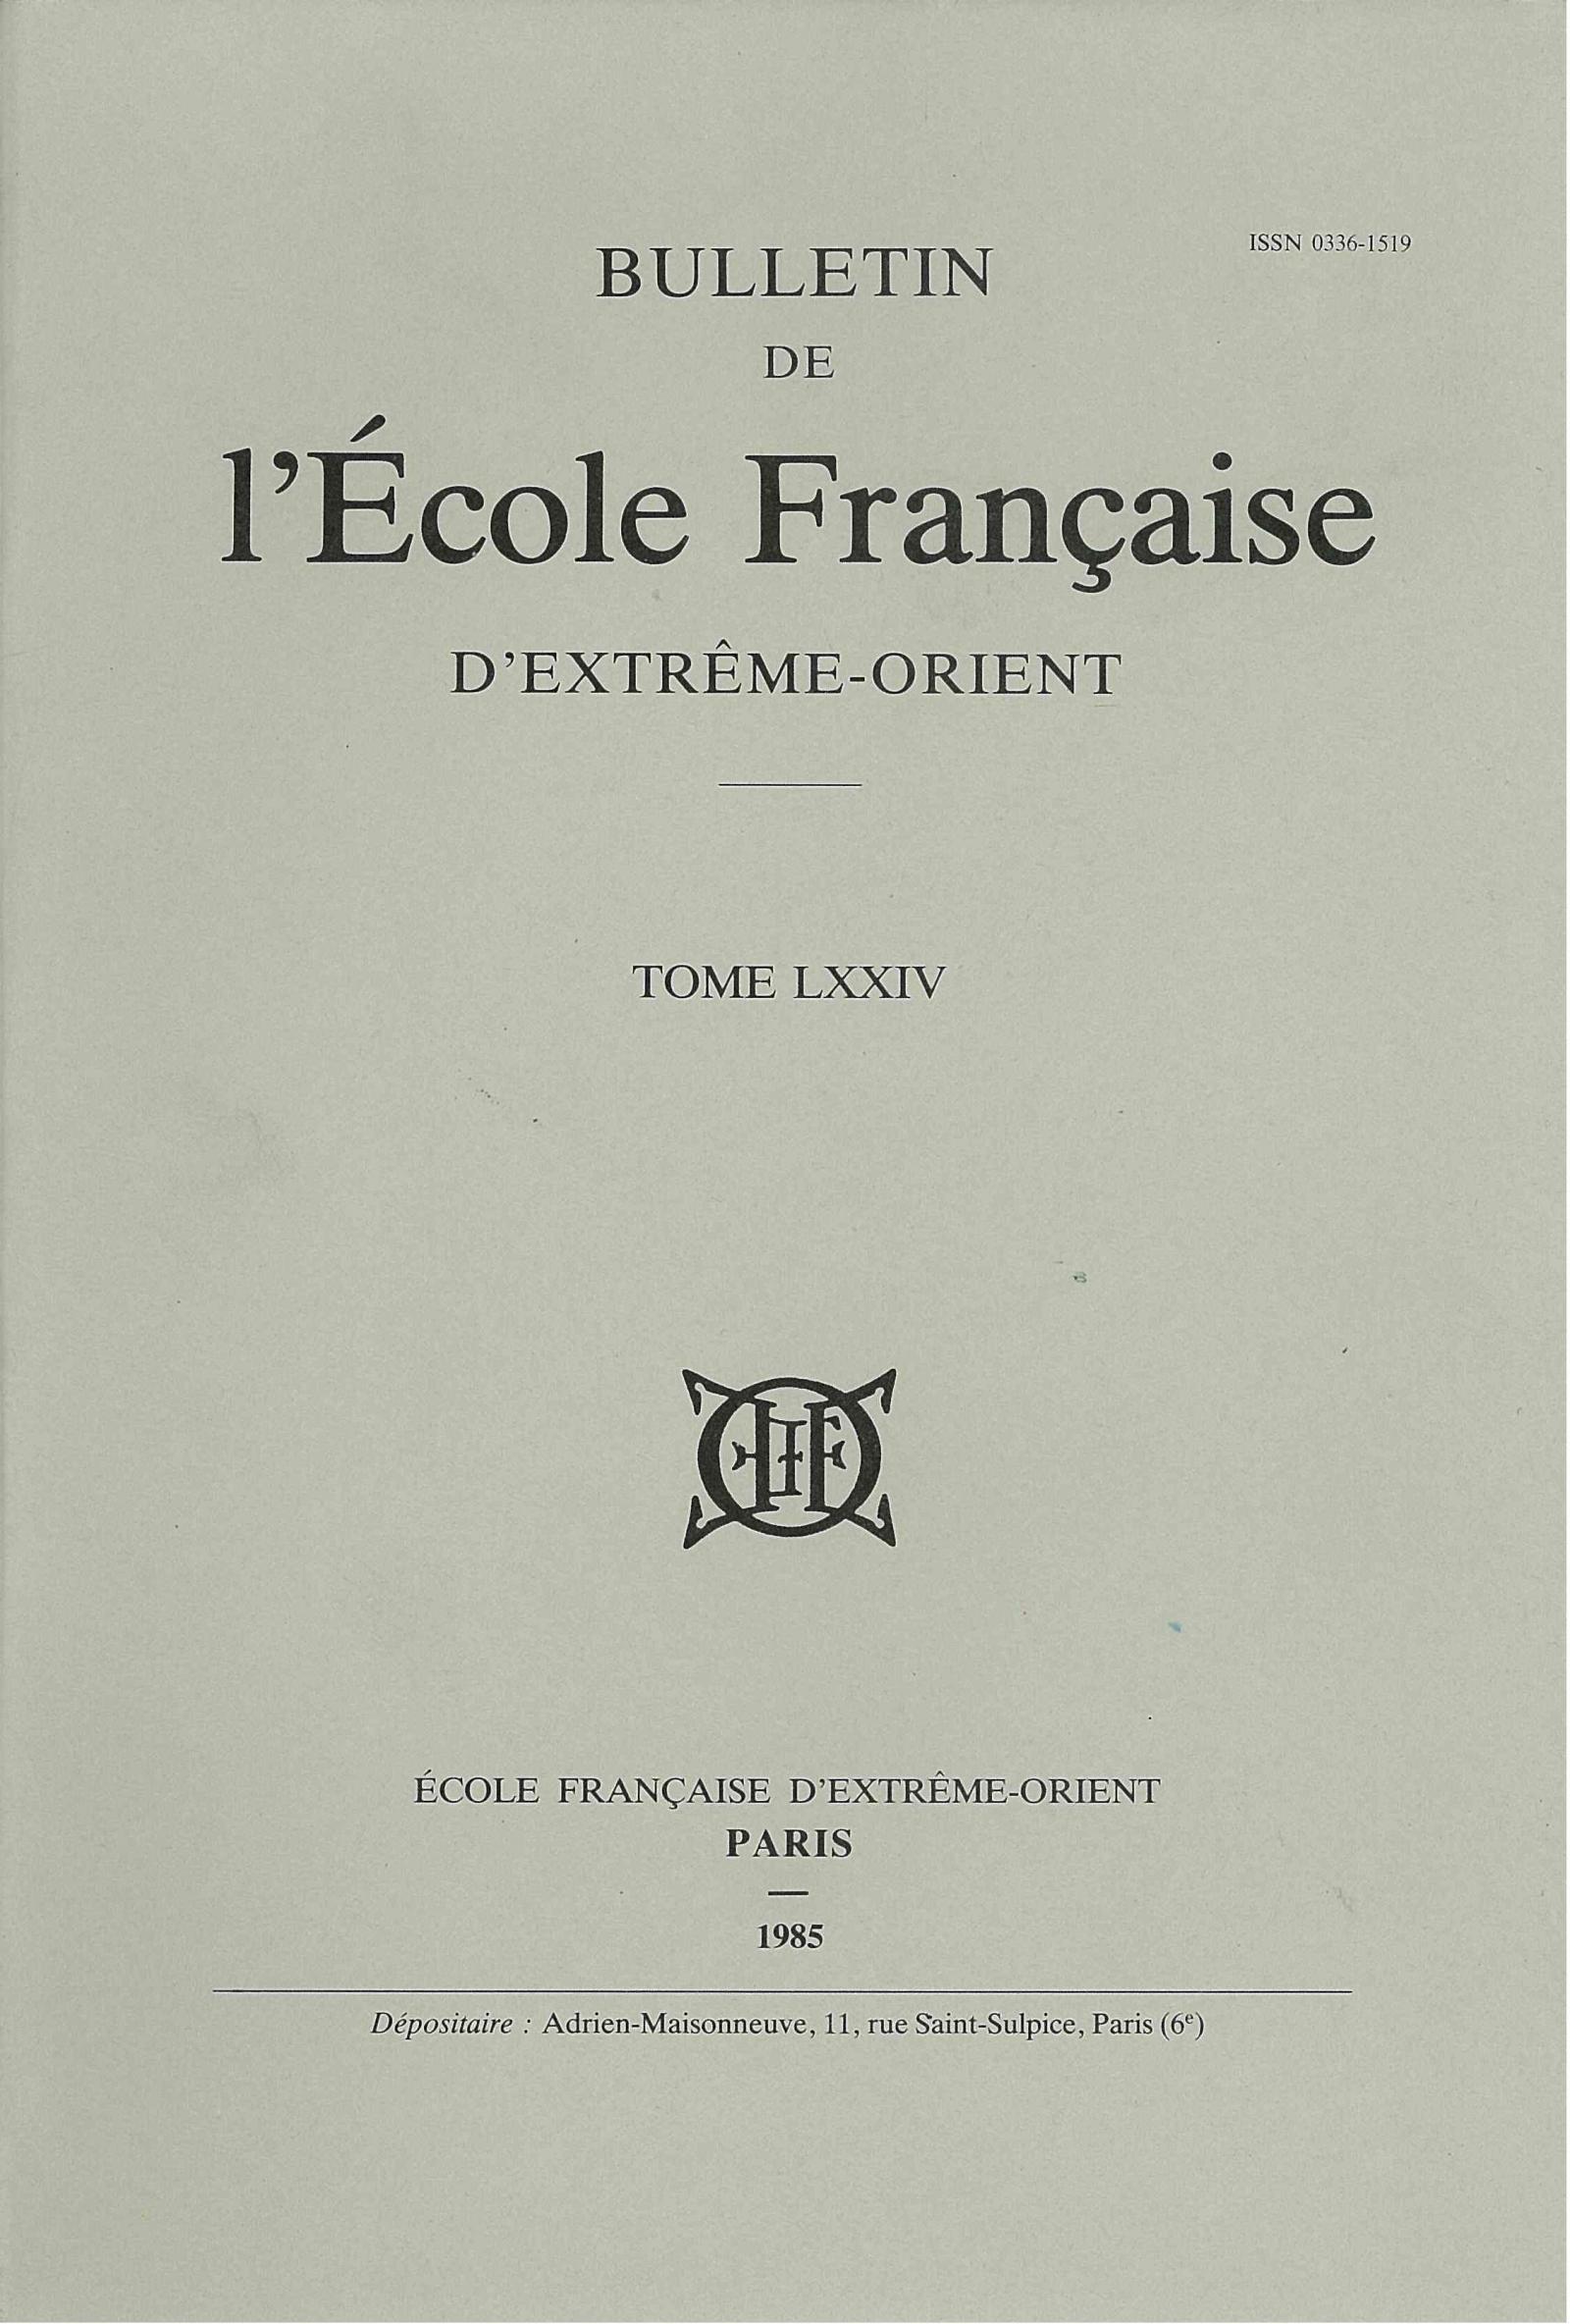 Bulletin de l'Ecole française d'Extrême-Orient 74 (1985)